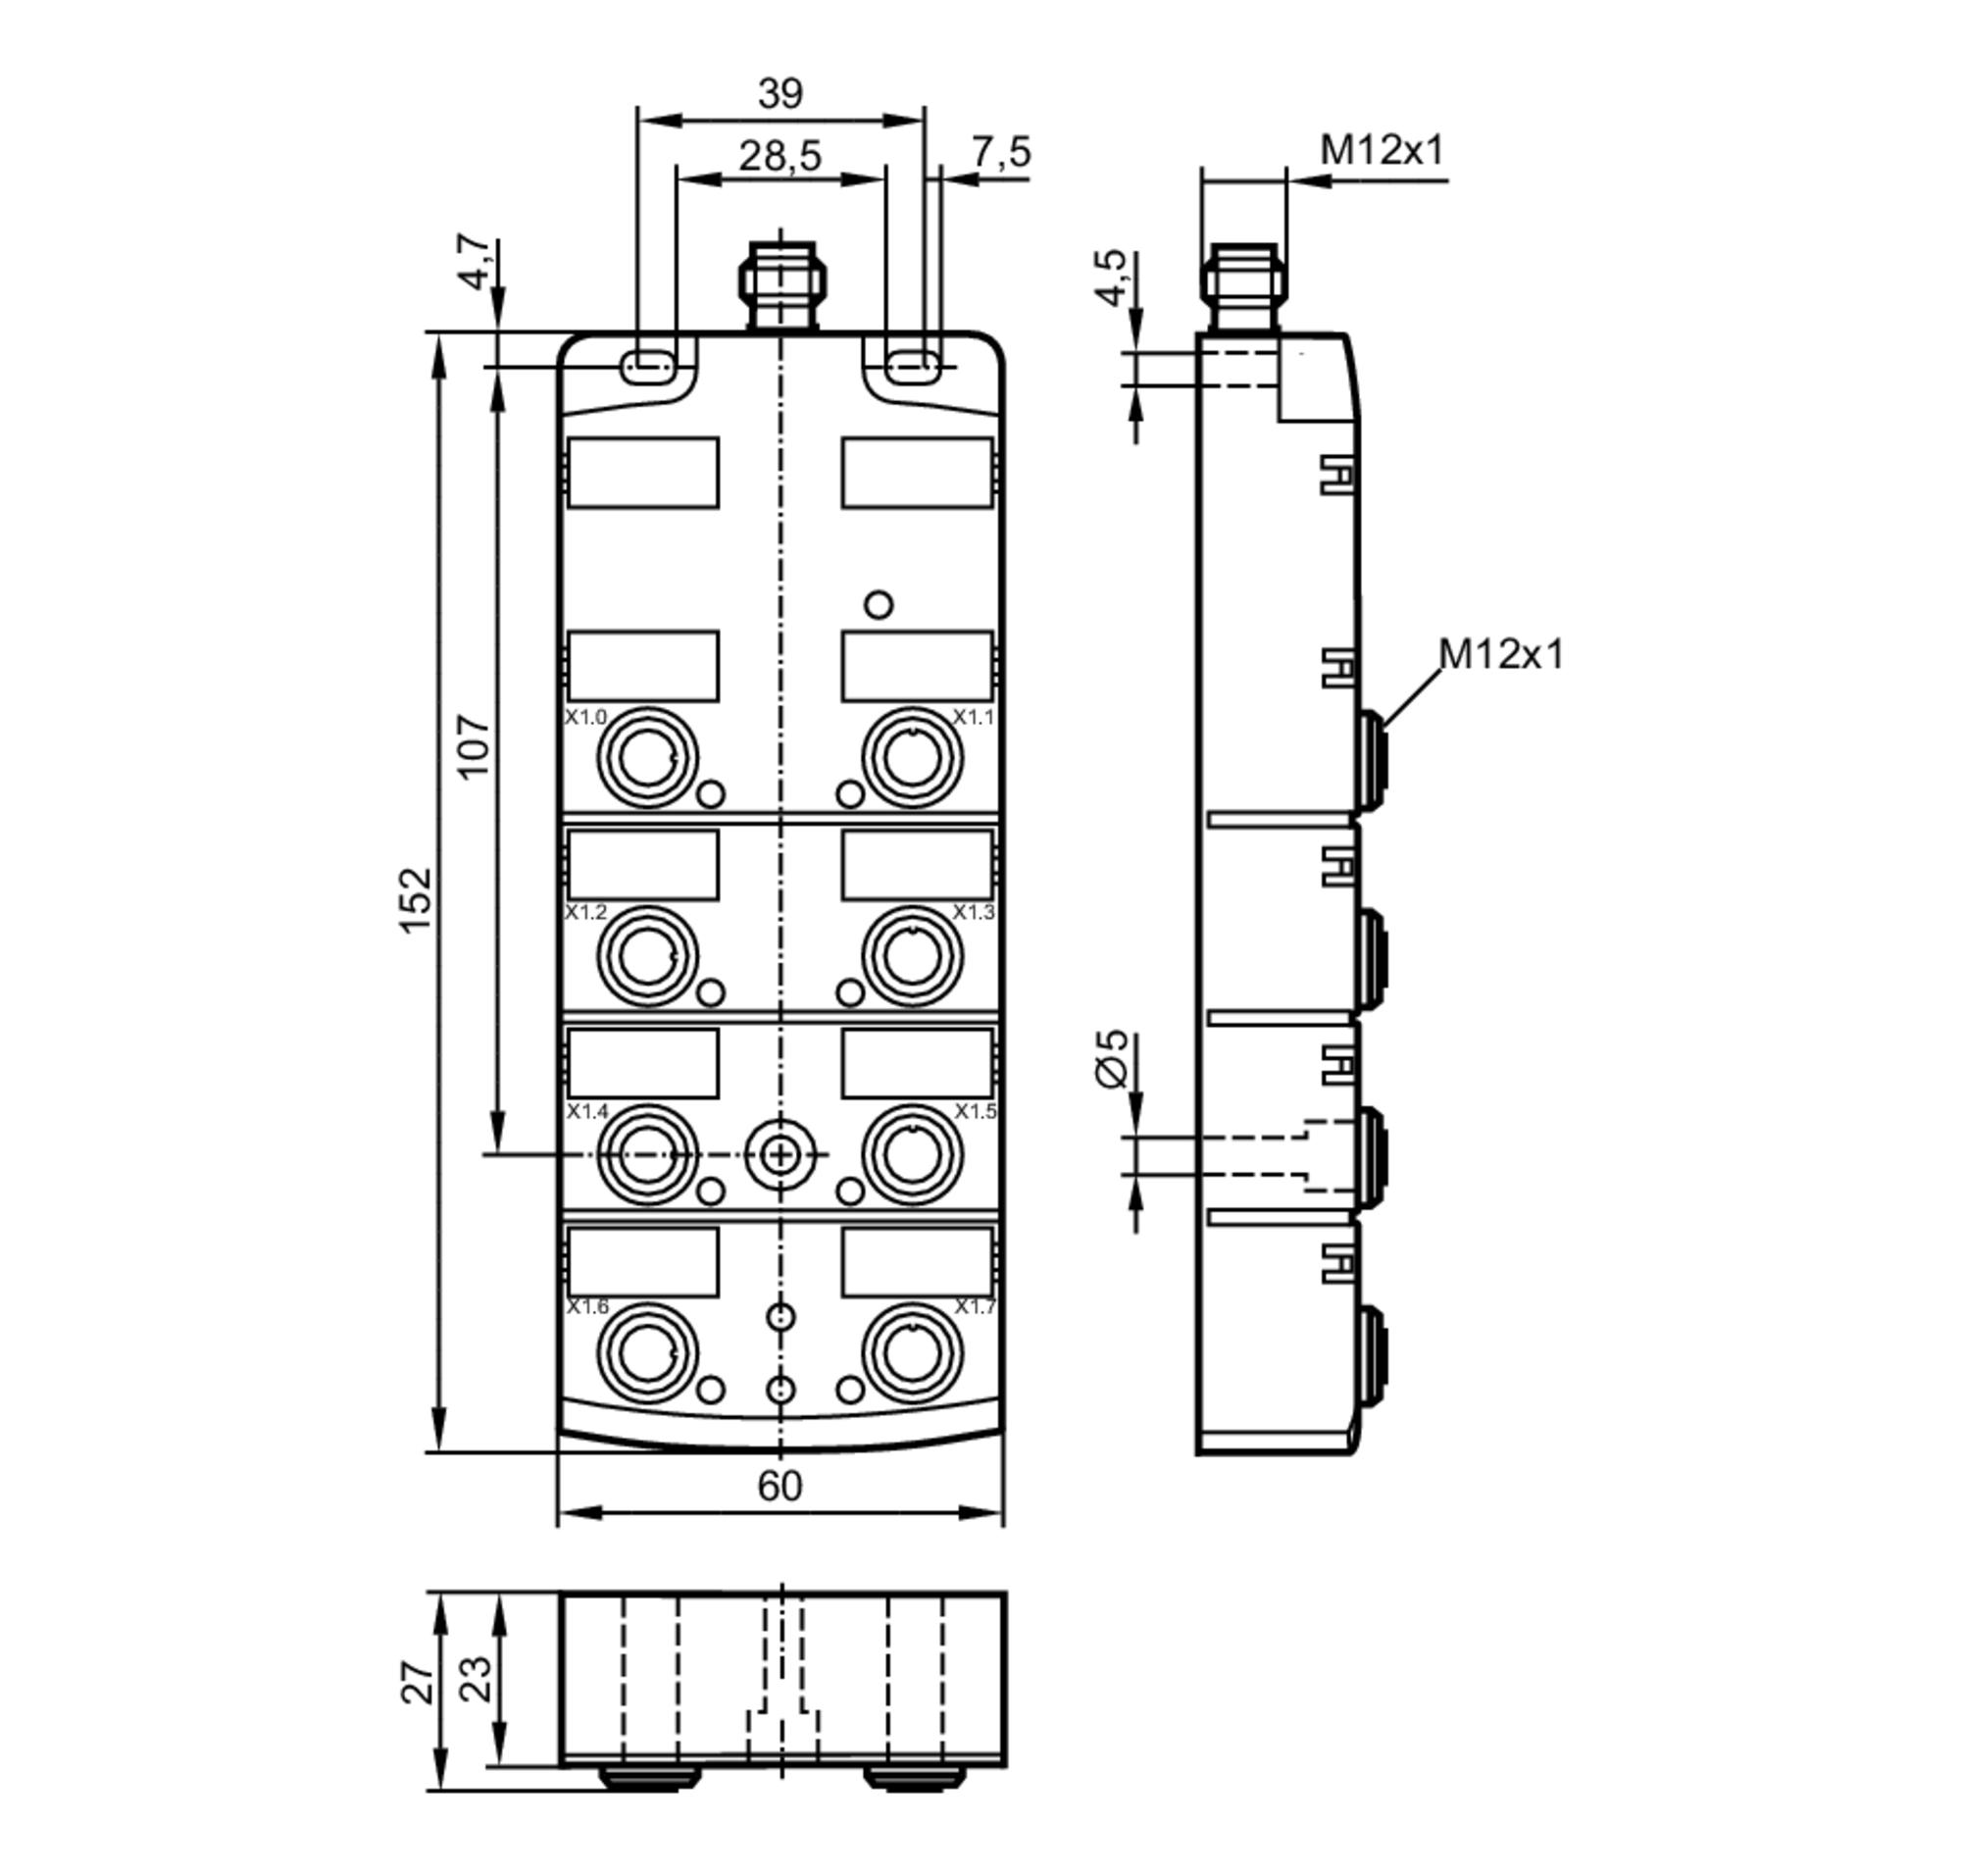 al2401 - io-link compactline module